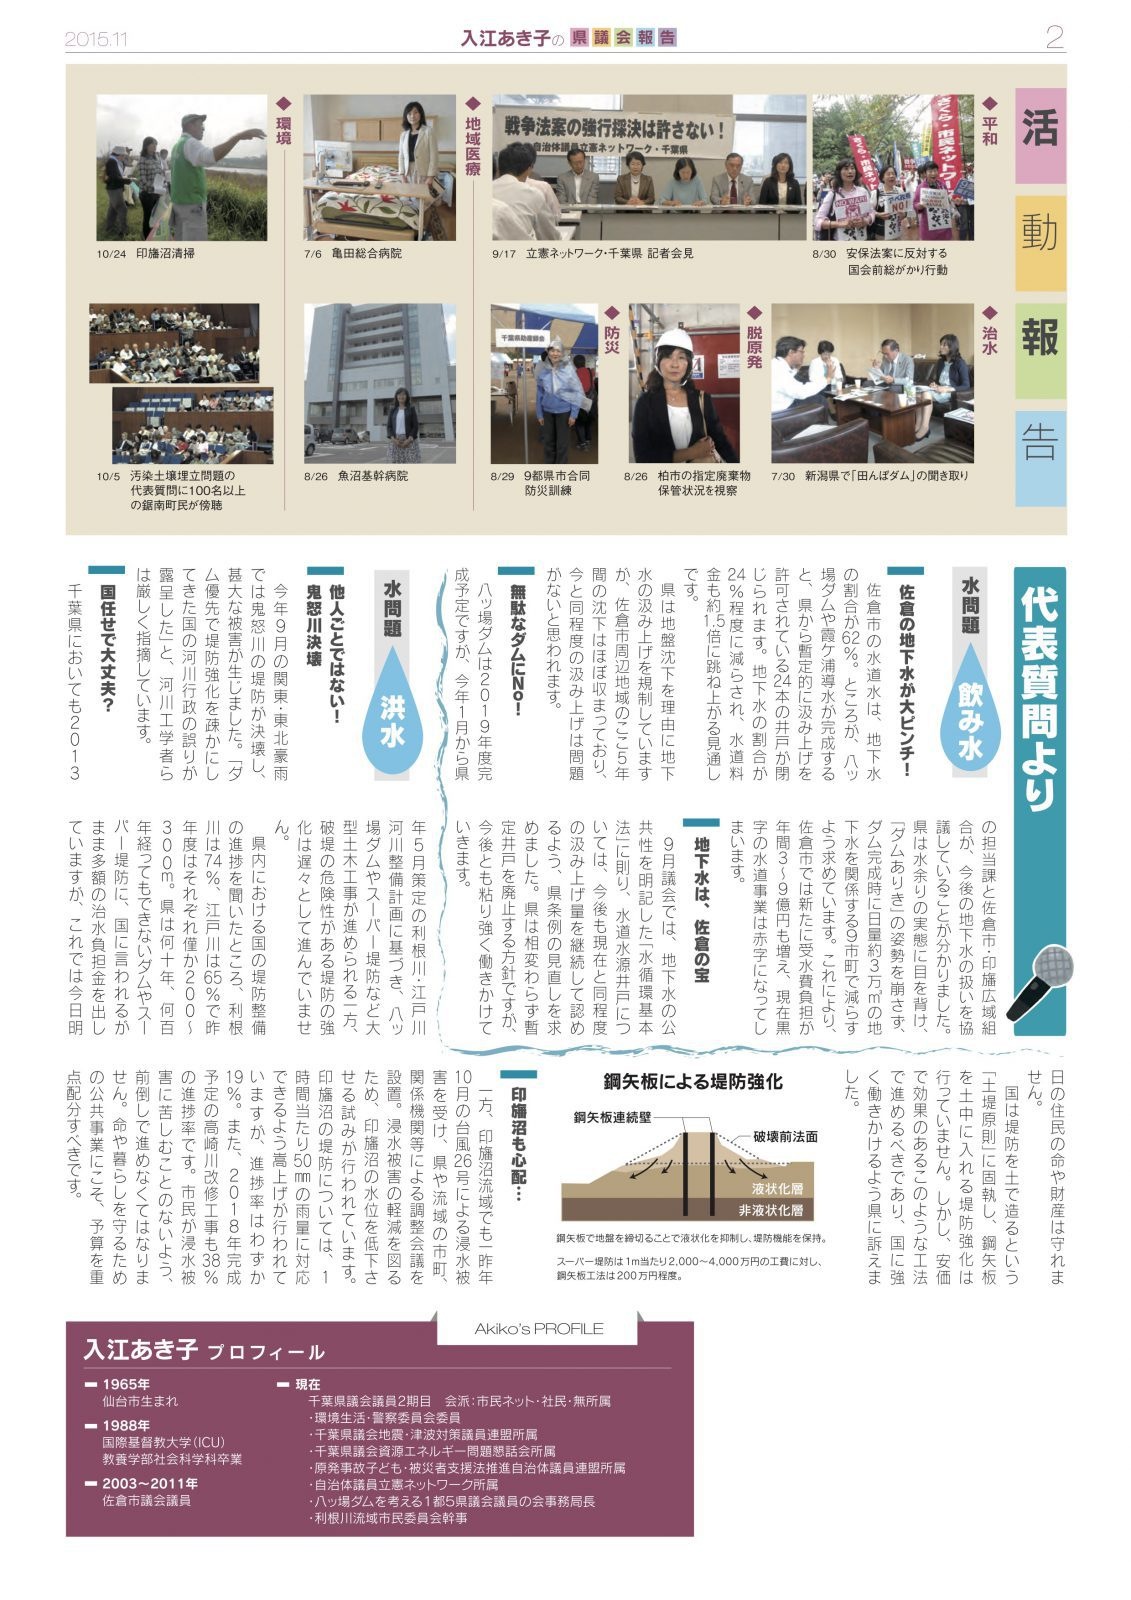 入江あき子の県議会報告 2015年11月発行